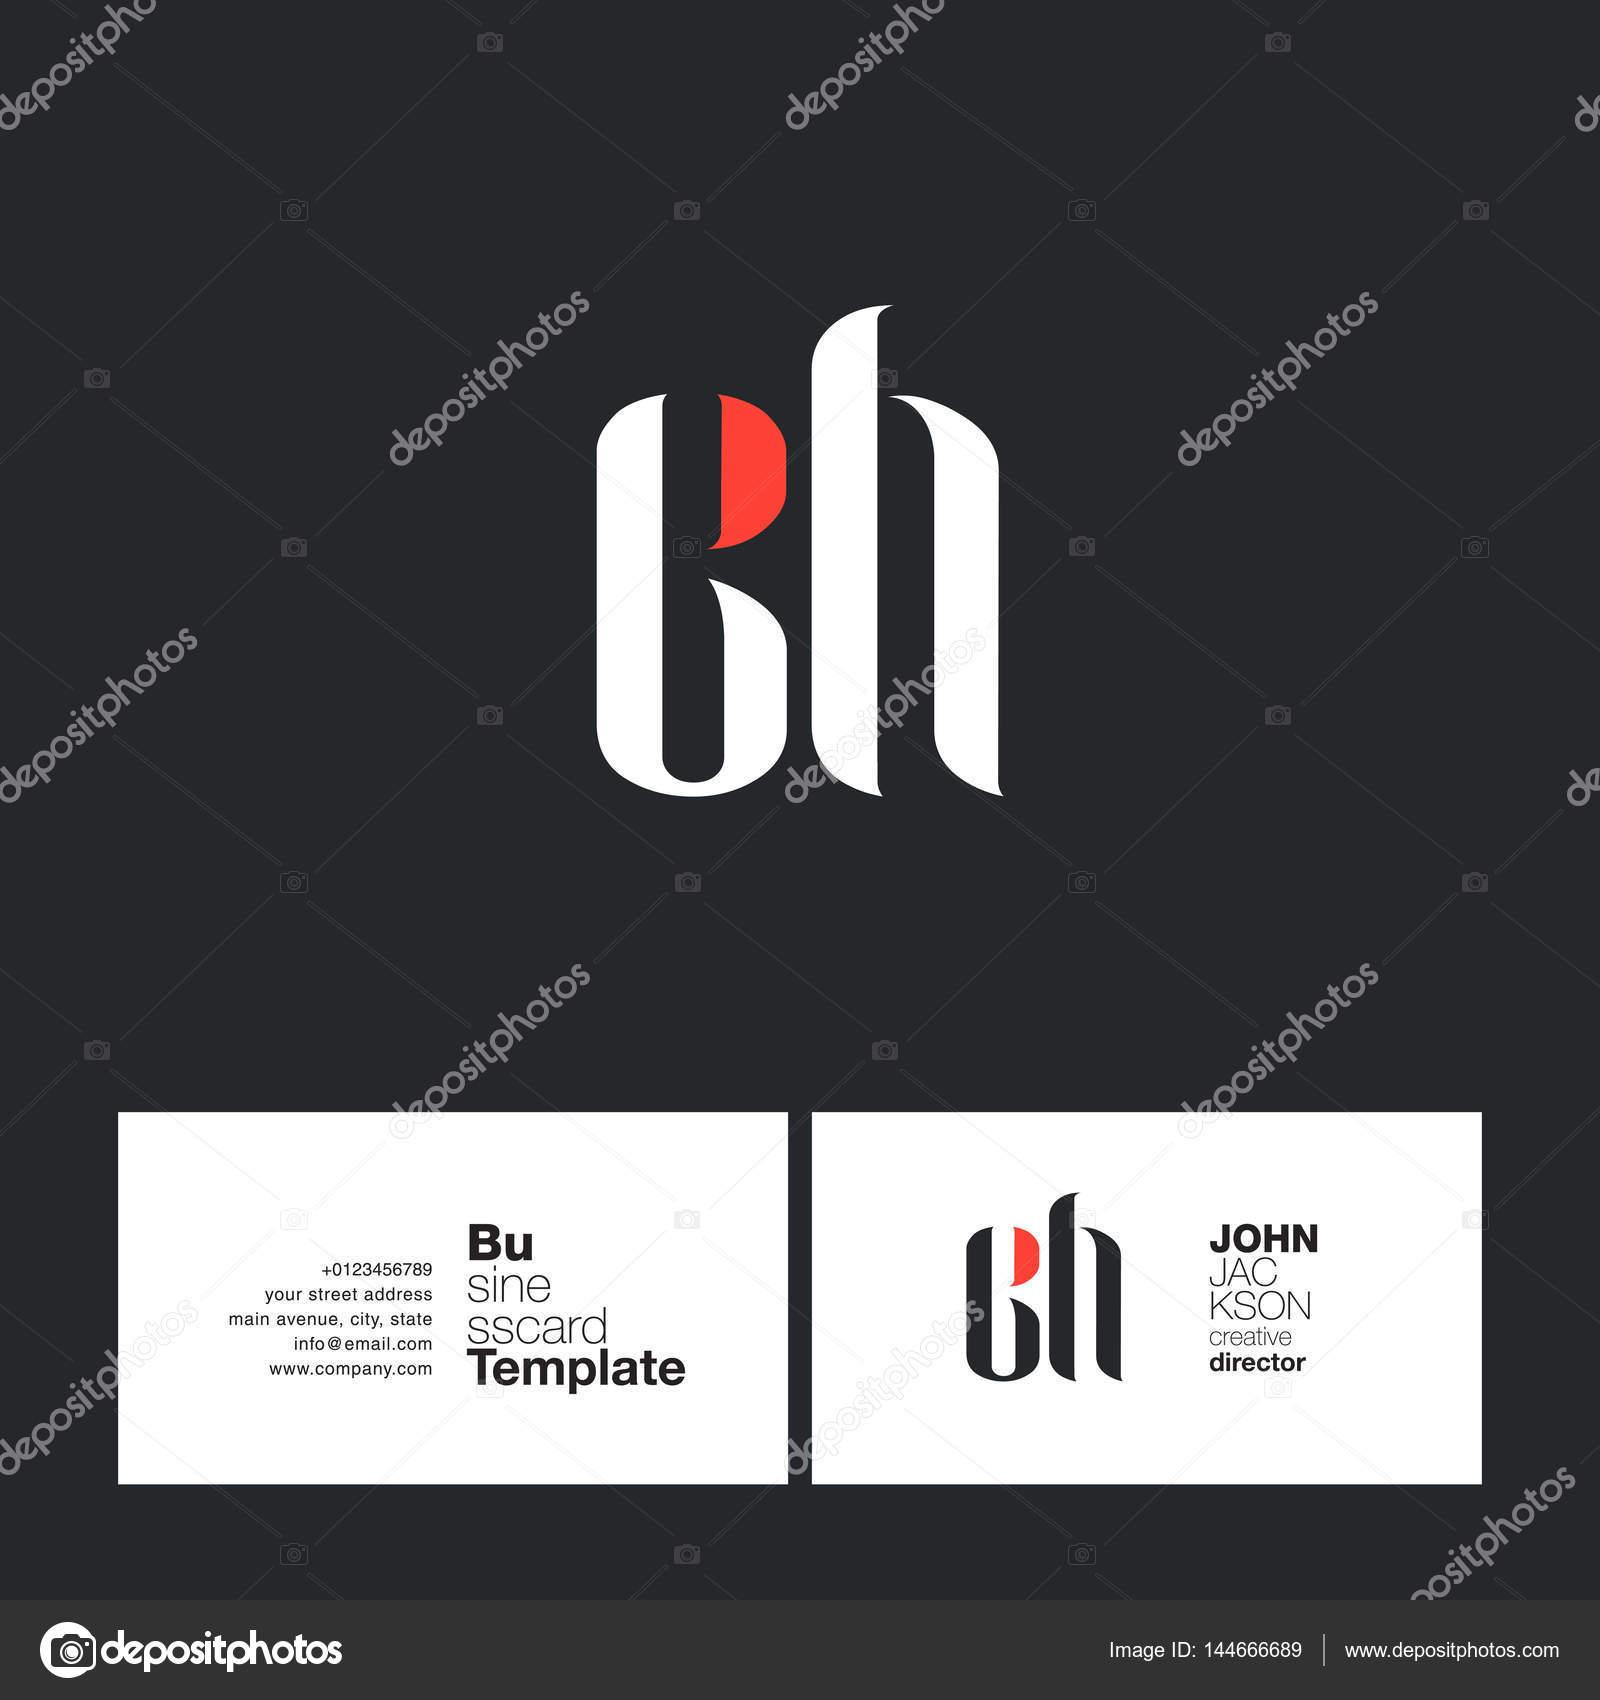 Carte De Visite Image Vectorielle Ch Mixte Lettres Logo Avec Business Card Template Vecteur Par Brainbistro